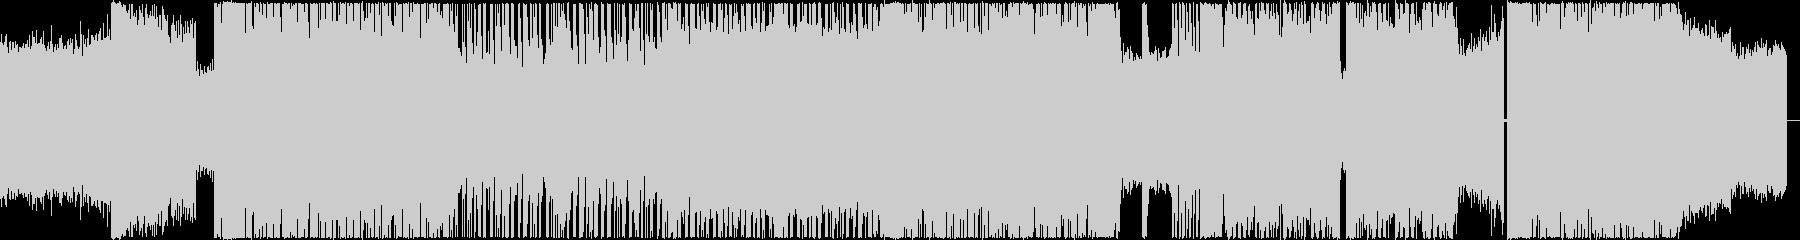 ハイテンポで荒々しいメタルの未再生の波形